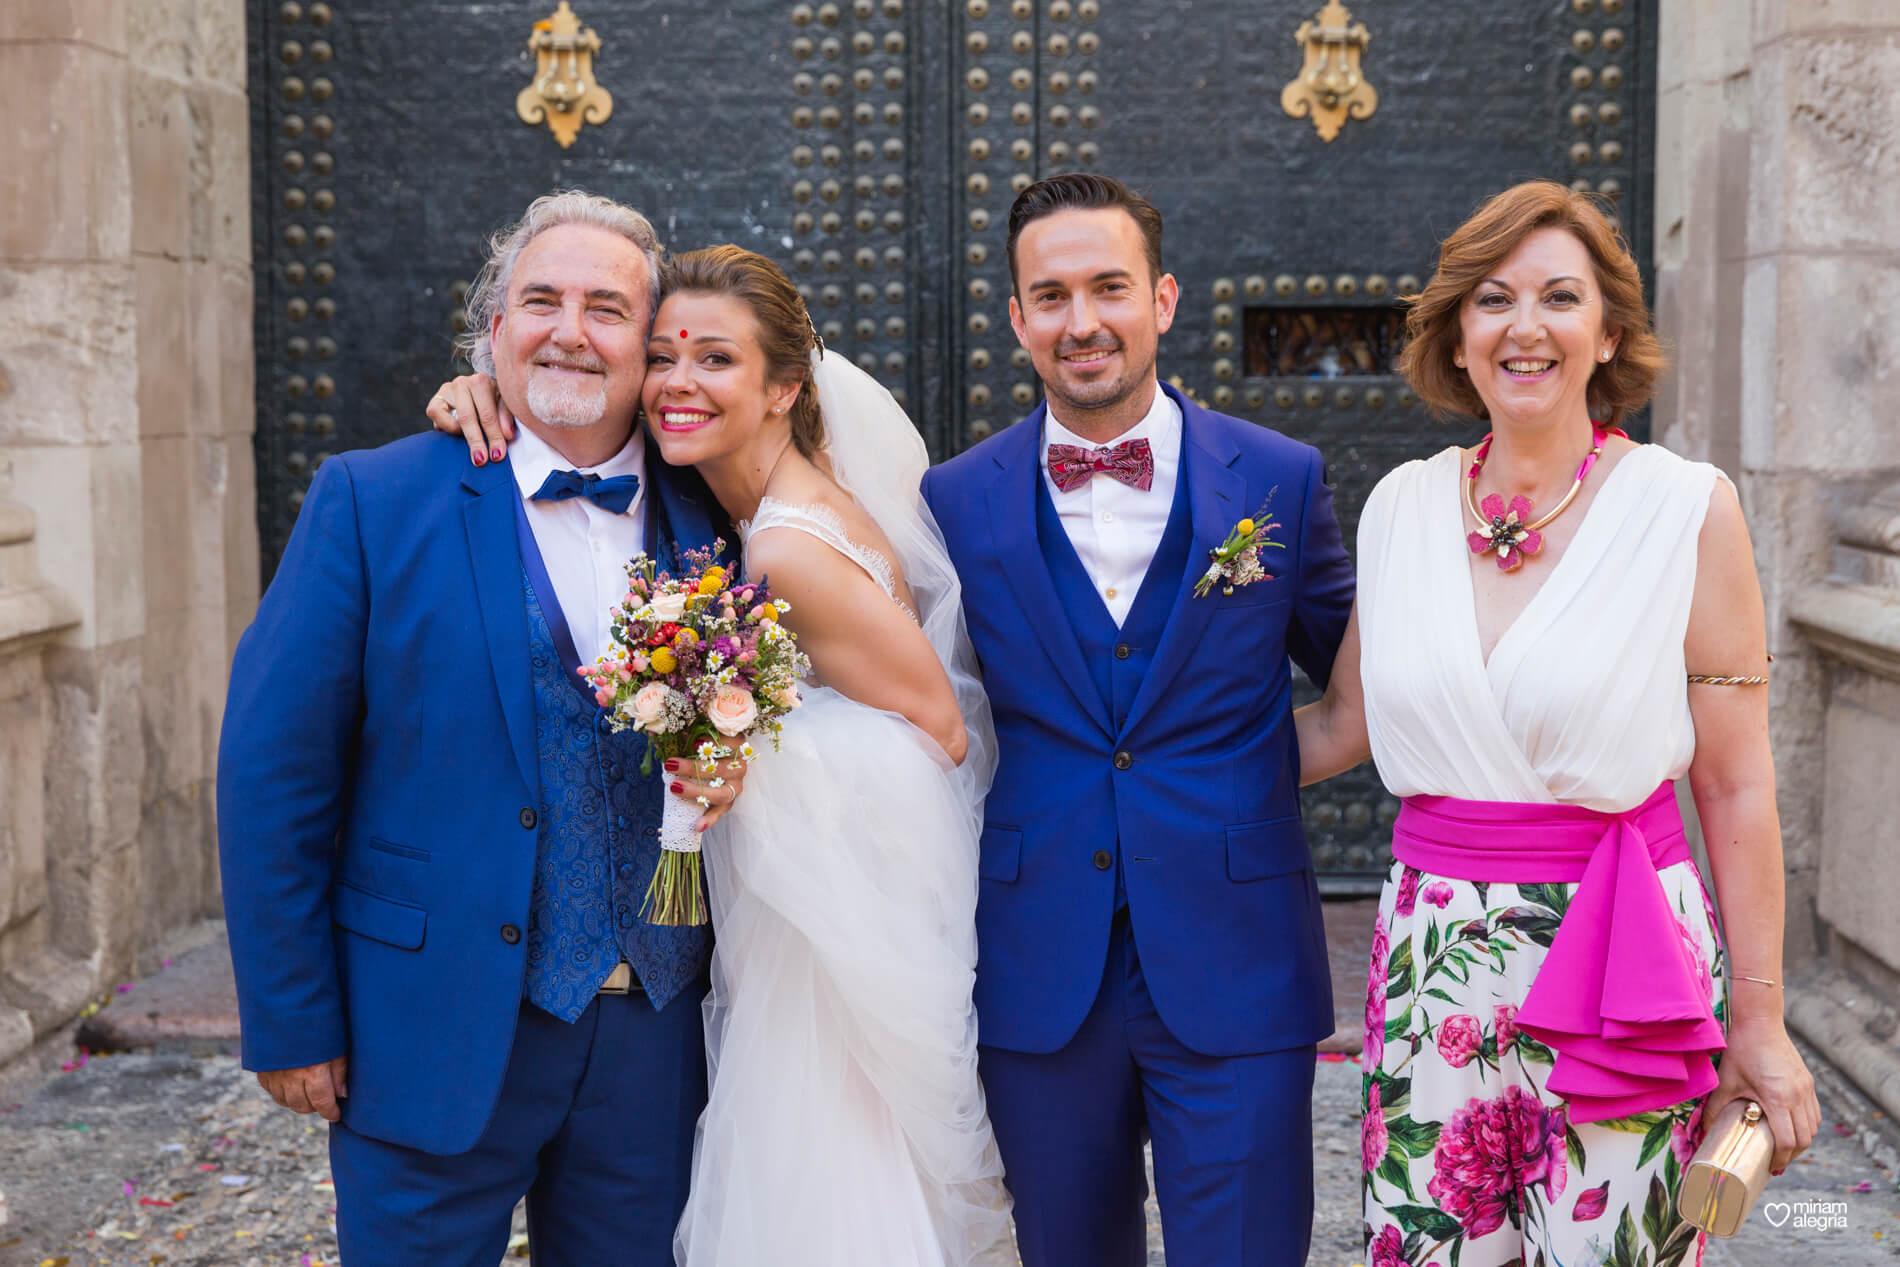 wedding-huerto-del-cura-elche-miriam-alegria-fotografos-boda-253